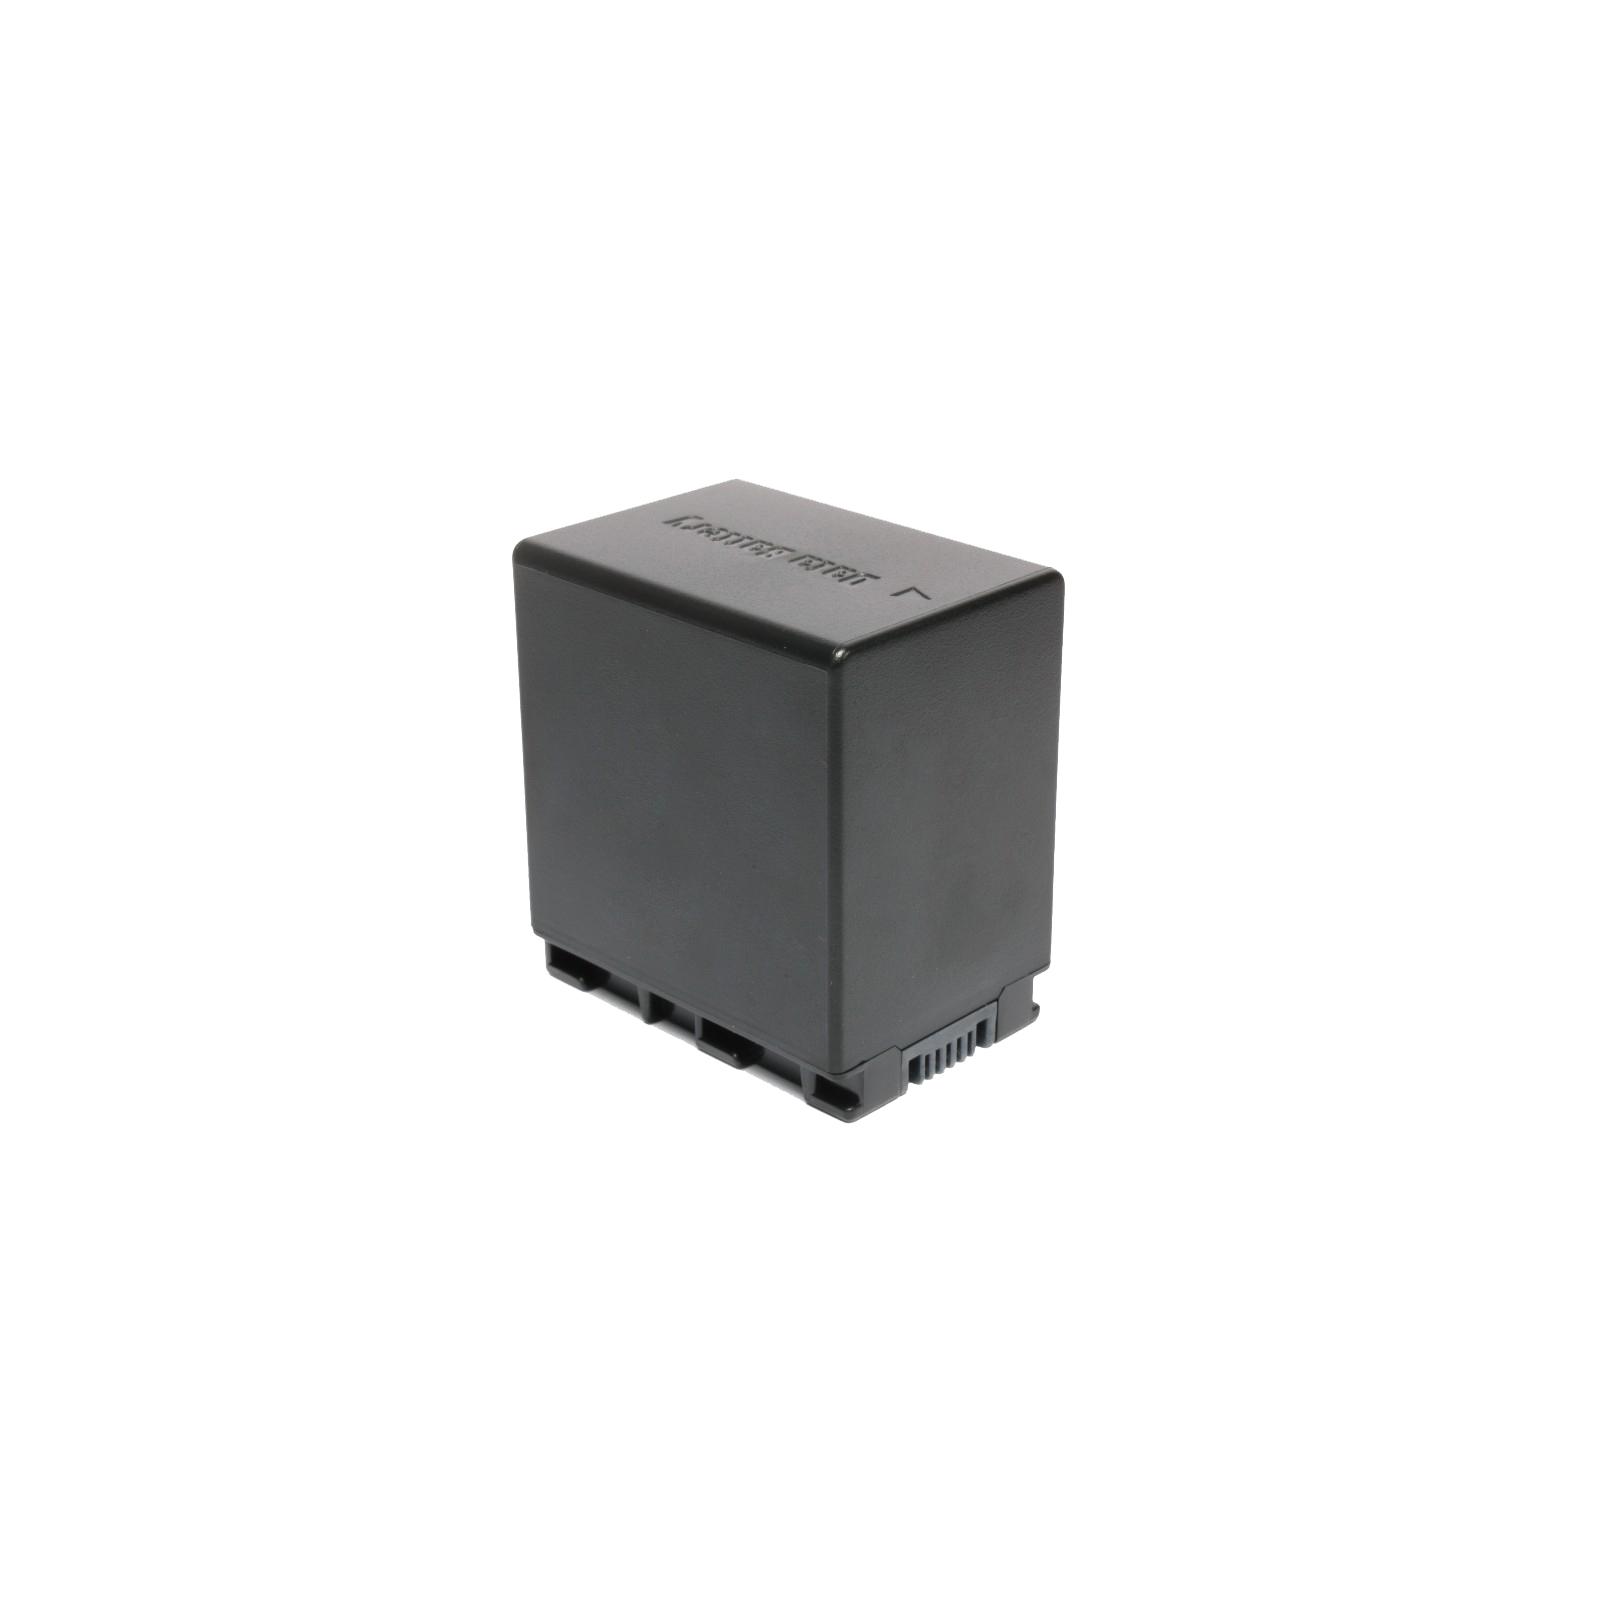 Аккумулятор к фото/видео EXTRADIGITAL JVC BN-VG138 (chip) (BDJ1312) изображение 3